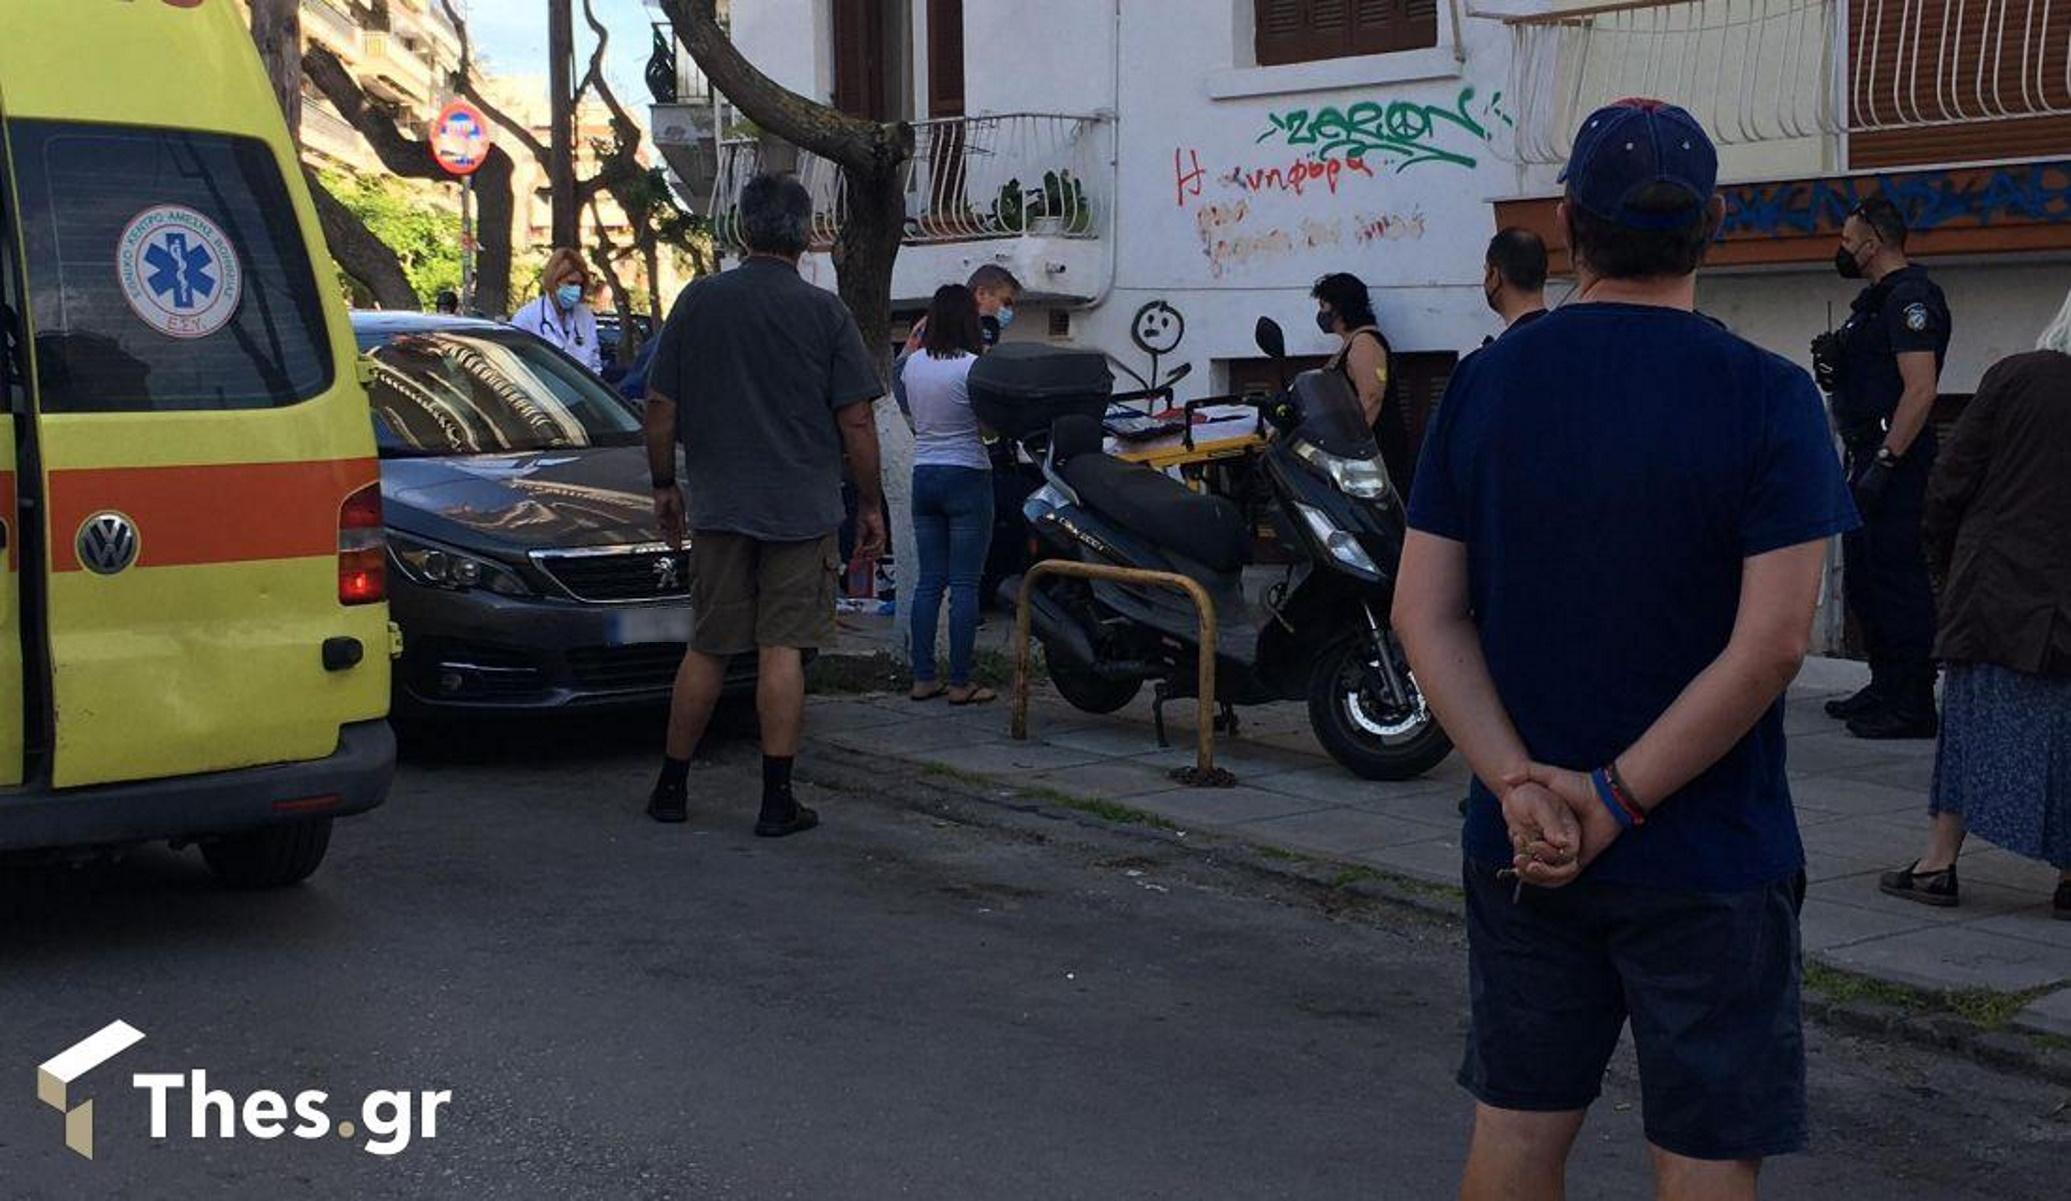 Θεσσαλονίκη: Γυναίκα έπεσε από τον 2ο όροφο (pics, vid)